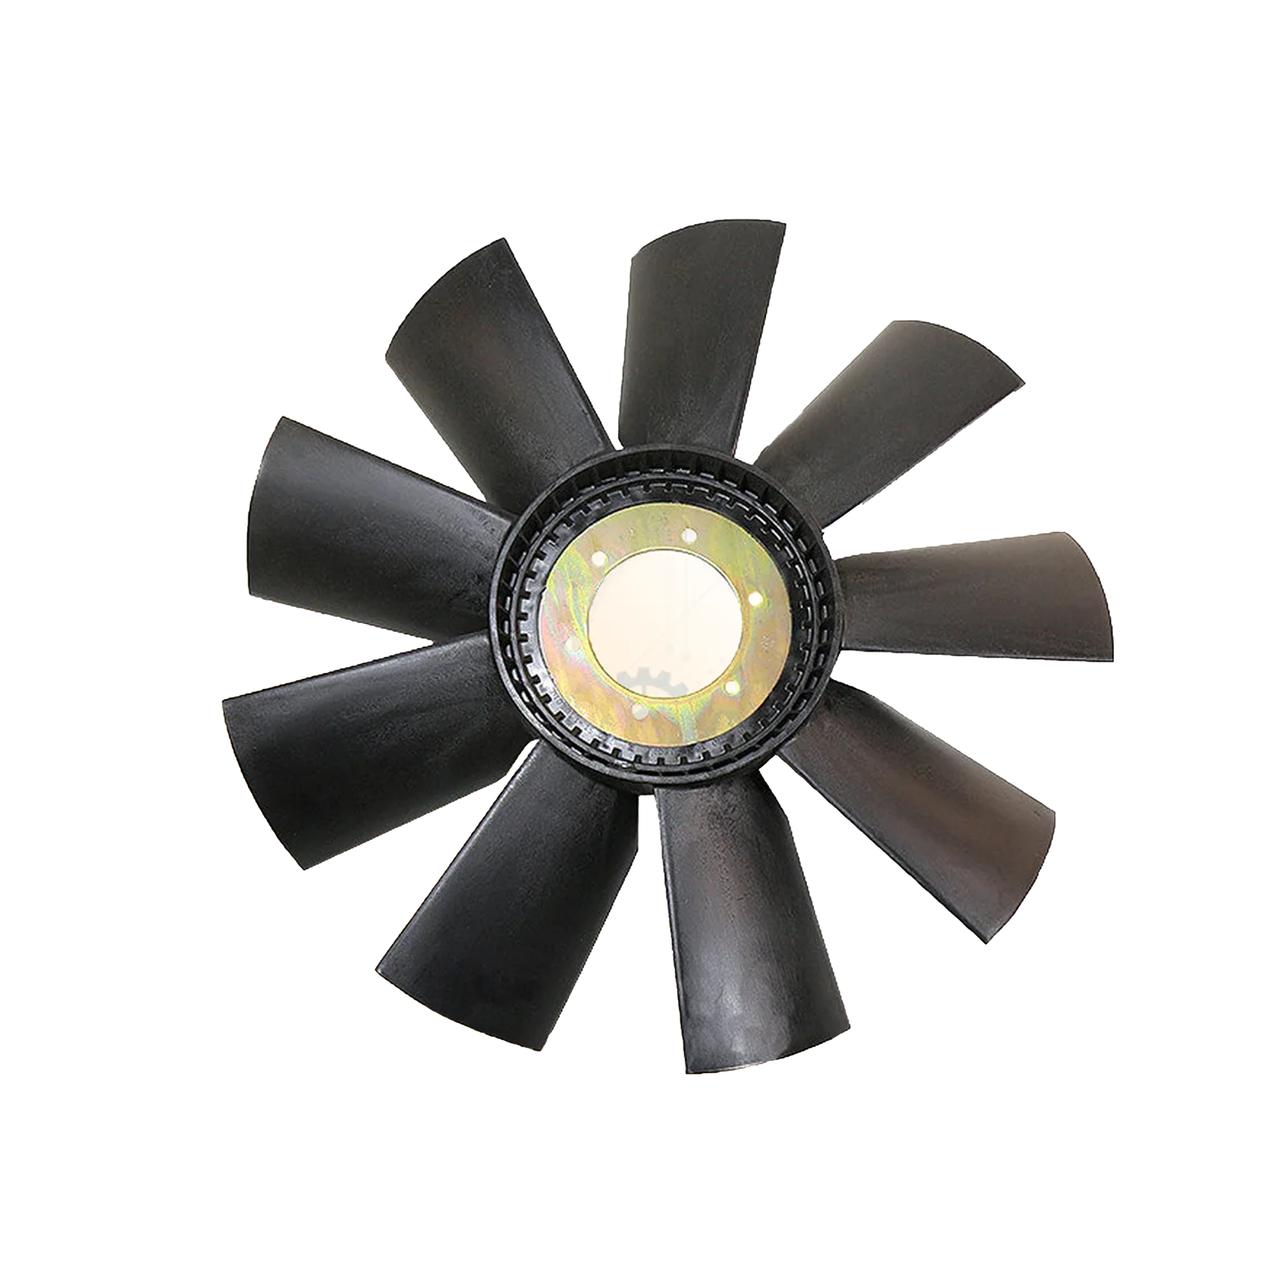 Крыльчатка вентилятора 710мм. Евро-2 ( 11 лопастей ) голая